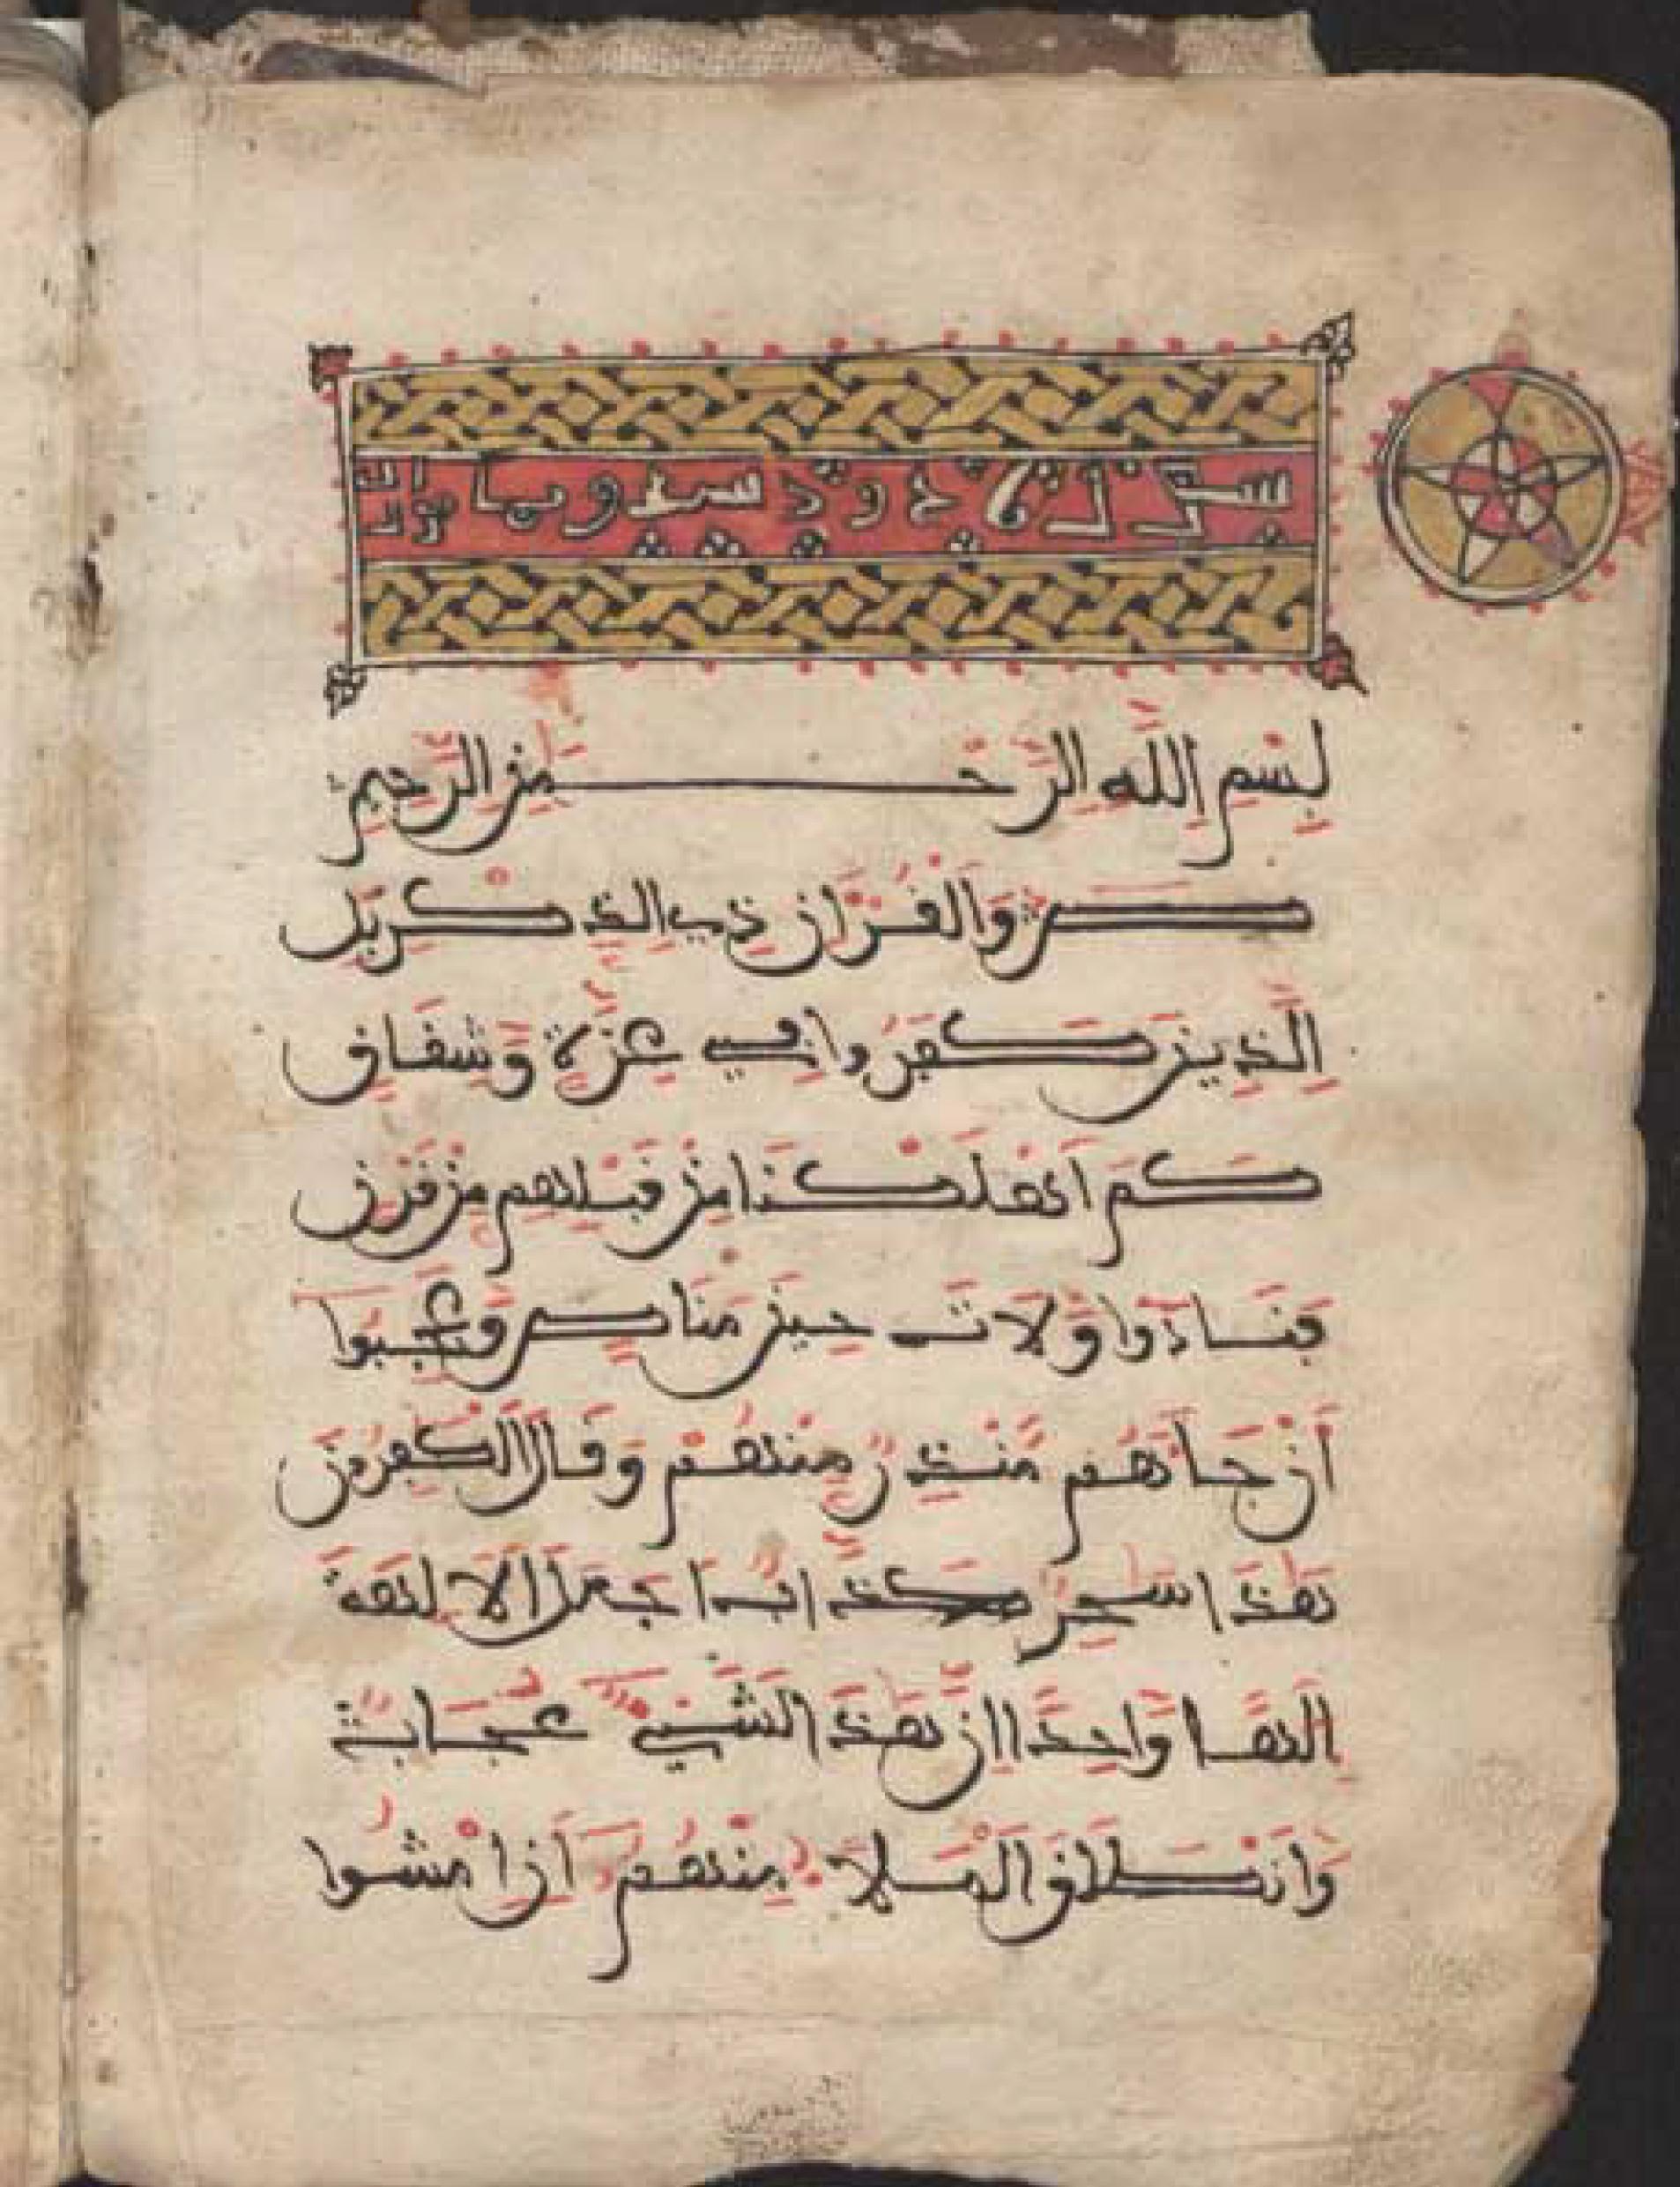 imagen de Corán aljamiado. / Biblioteca Tomás Navarro Tomás del CSIC